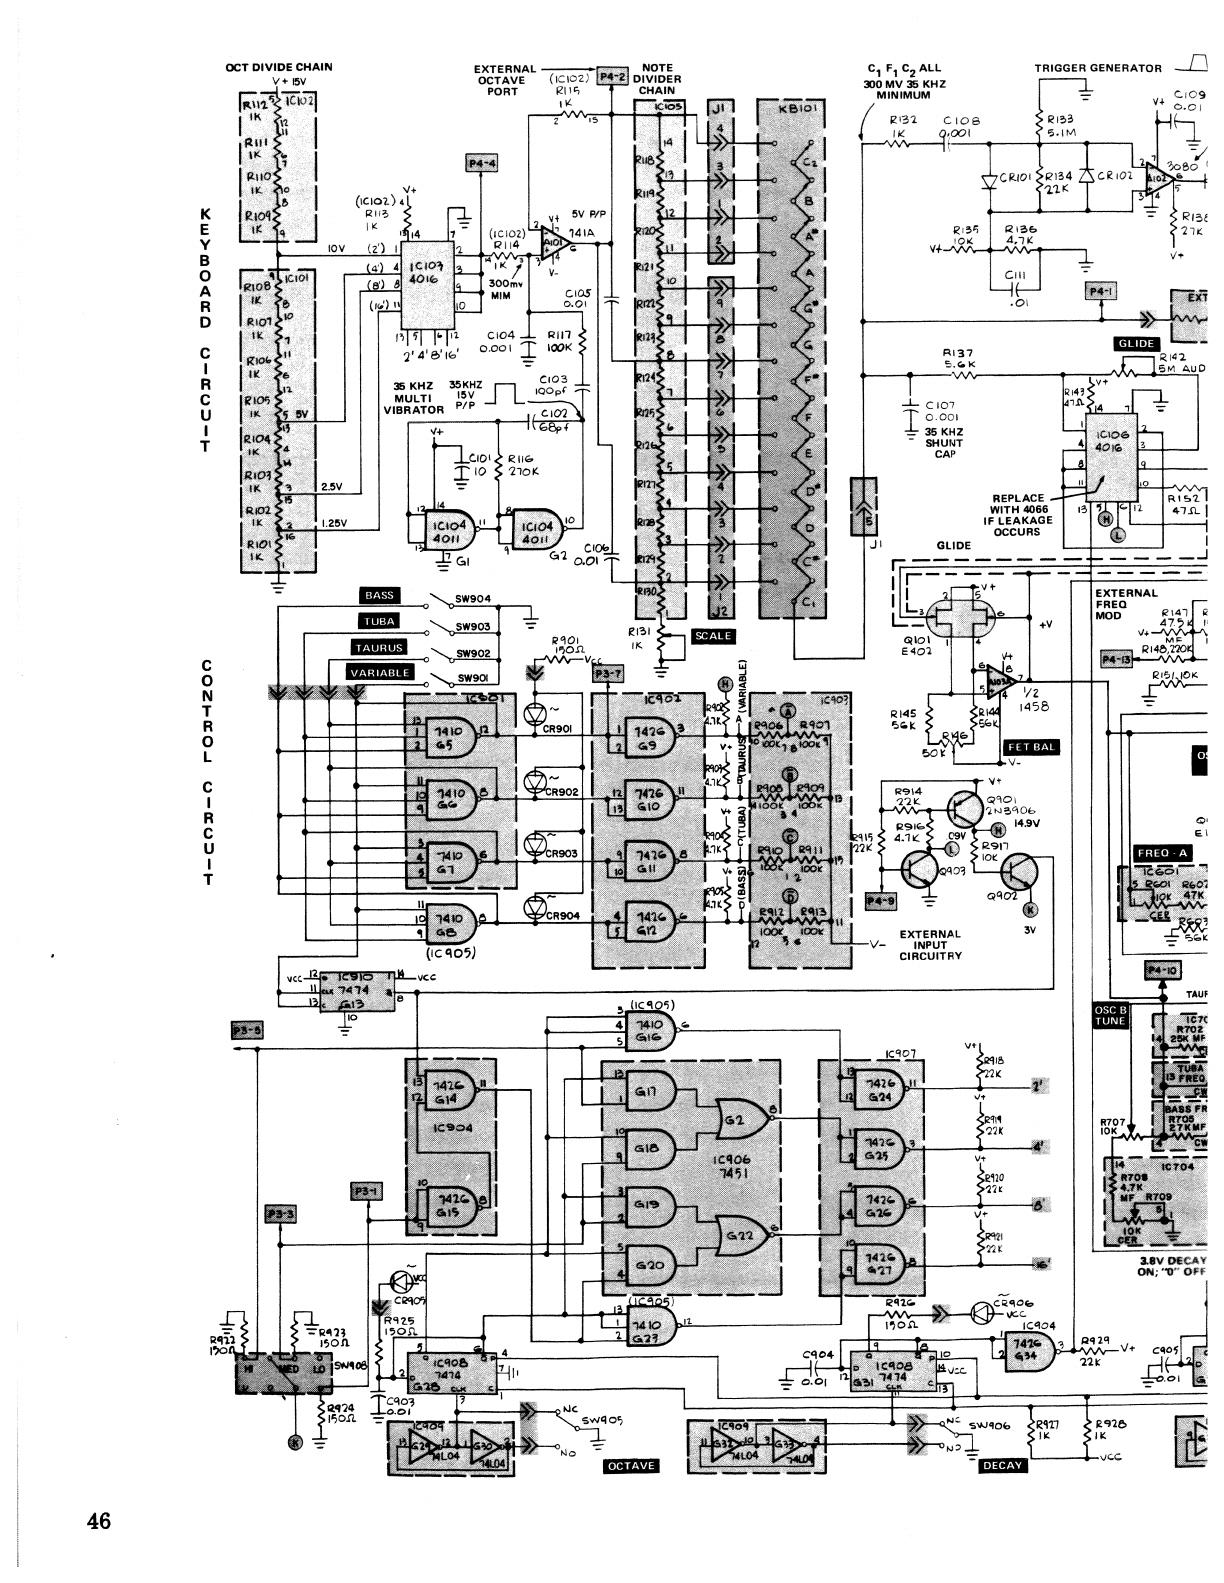 taurus schematics - 1989 f150 alternator wiring harness for wiring diagram  schematics  jarwo-sopo-13.adateoriafemminista.it